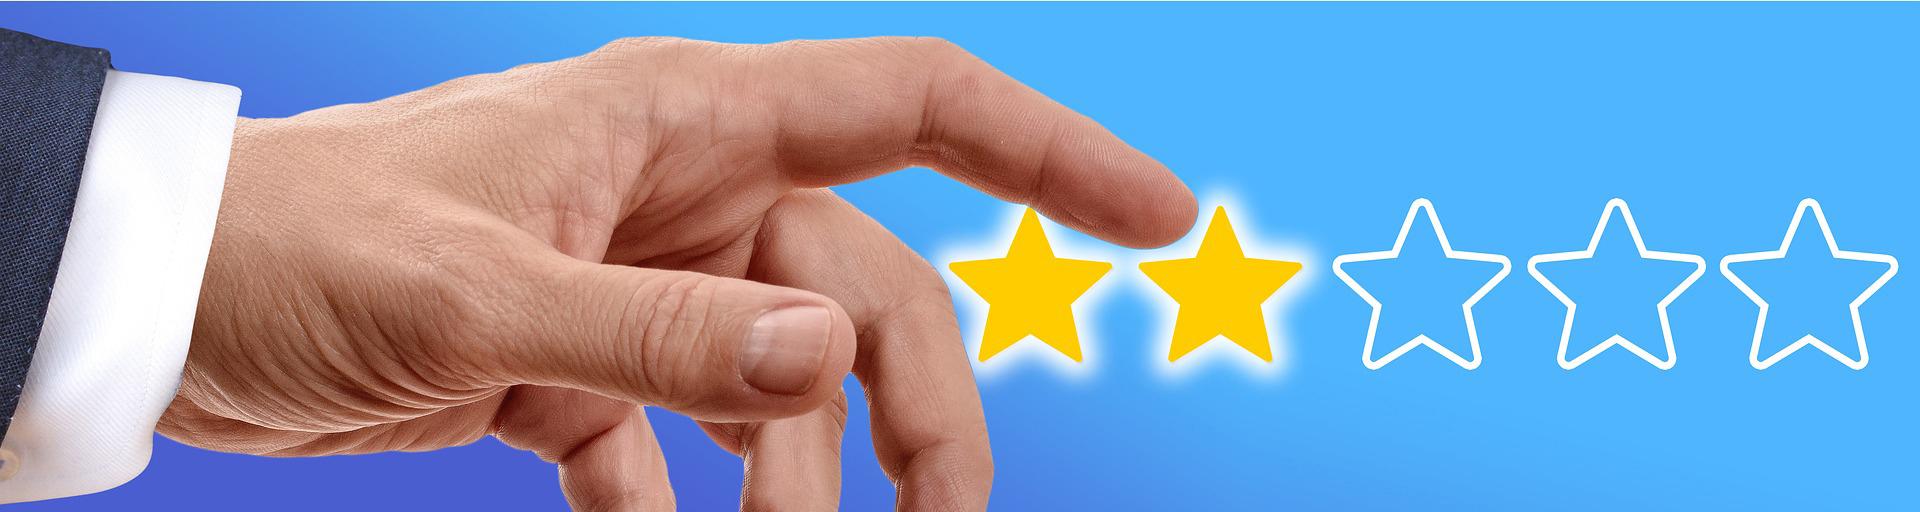 Was Sie bei einer ungerechtfertigten Google Bewertung beachten sollten